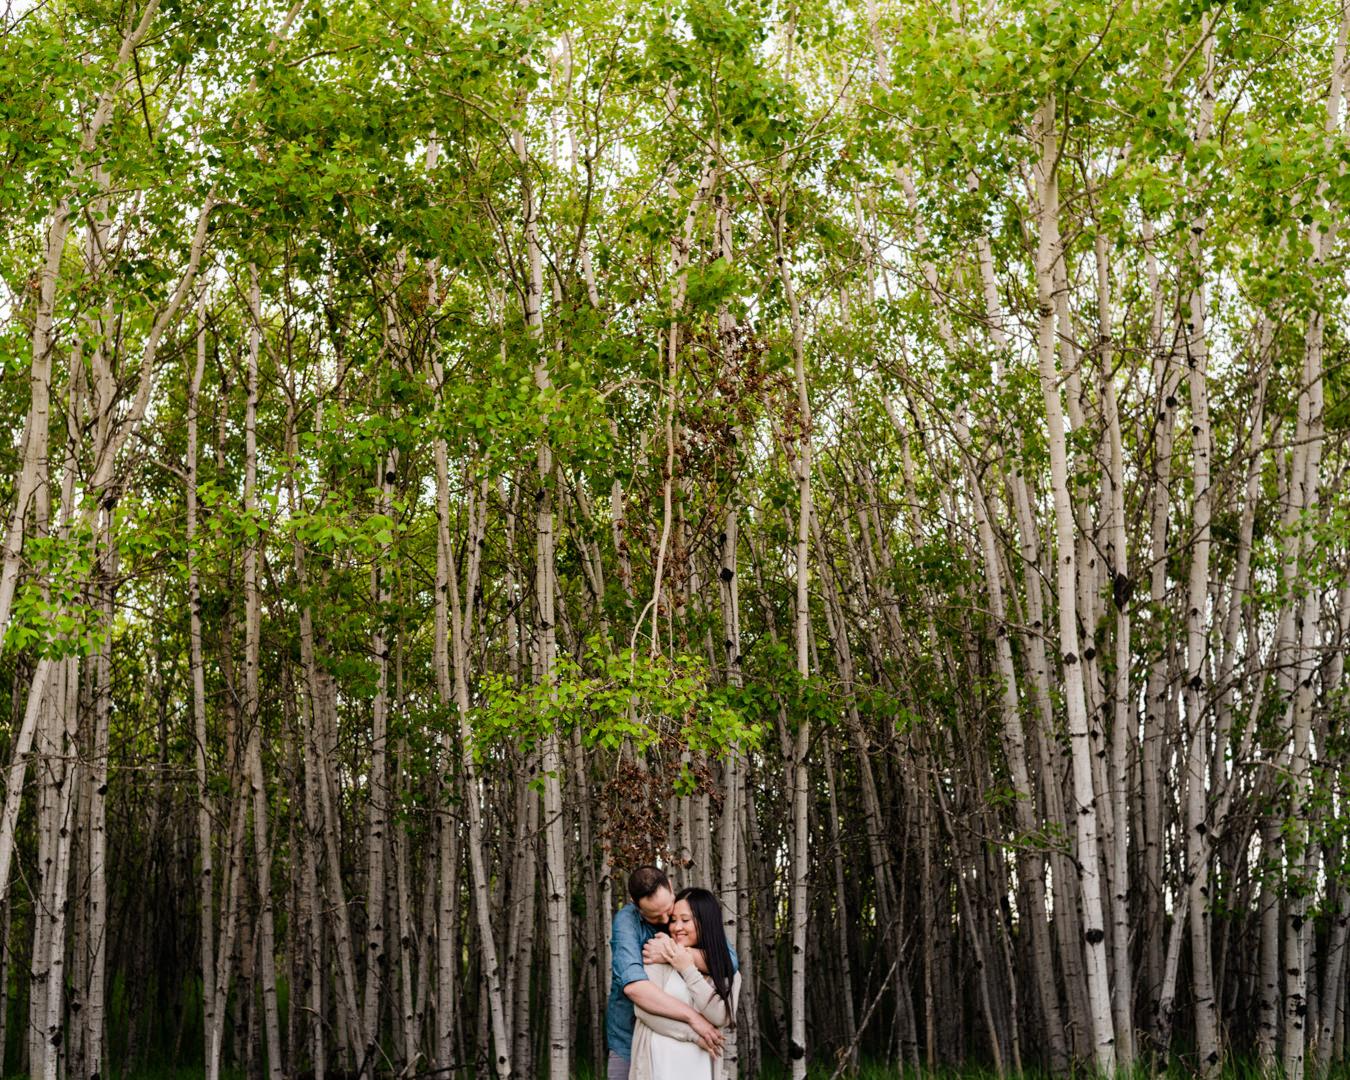 Jim&Nikki_CalgaryWeddingPhotographer18060312_ Web.jpg